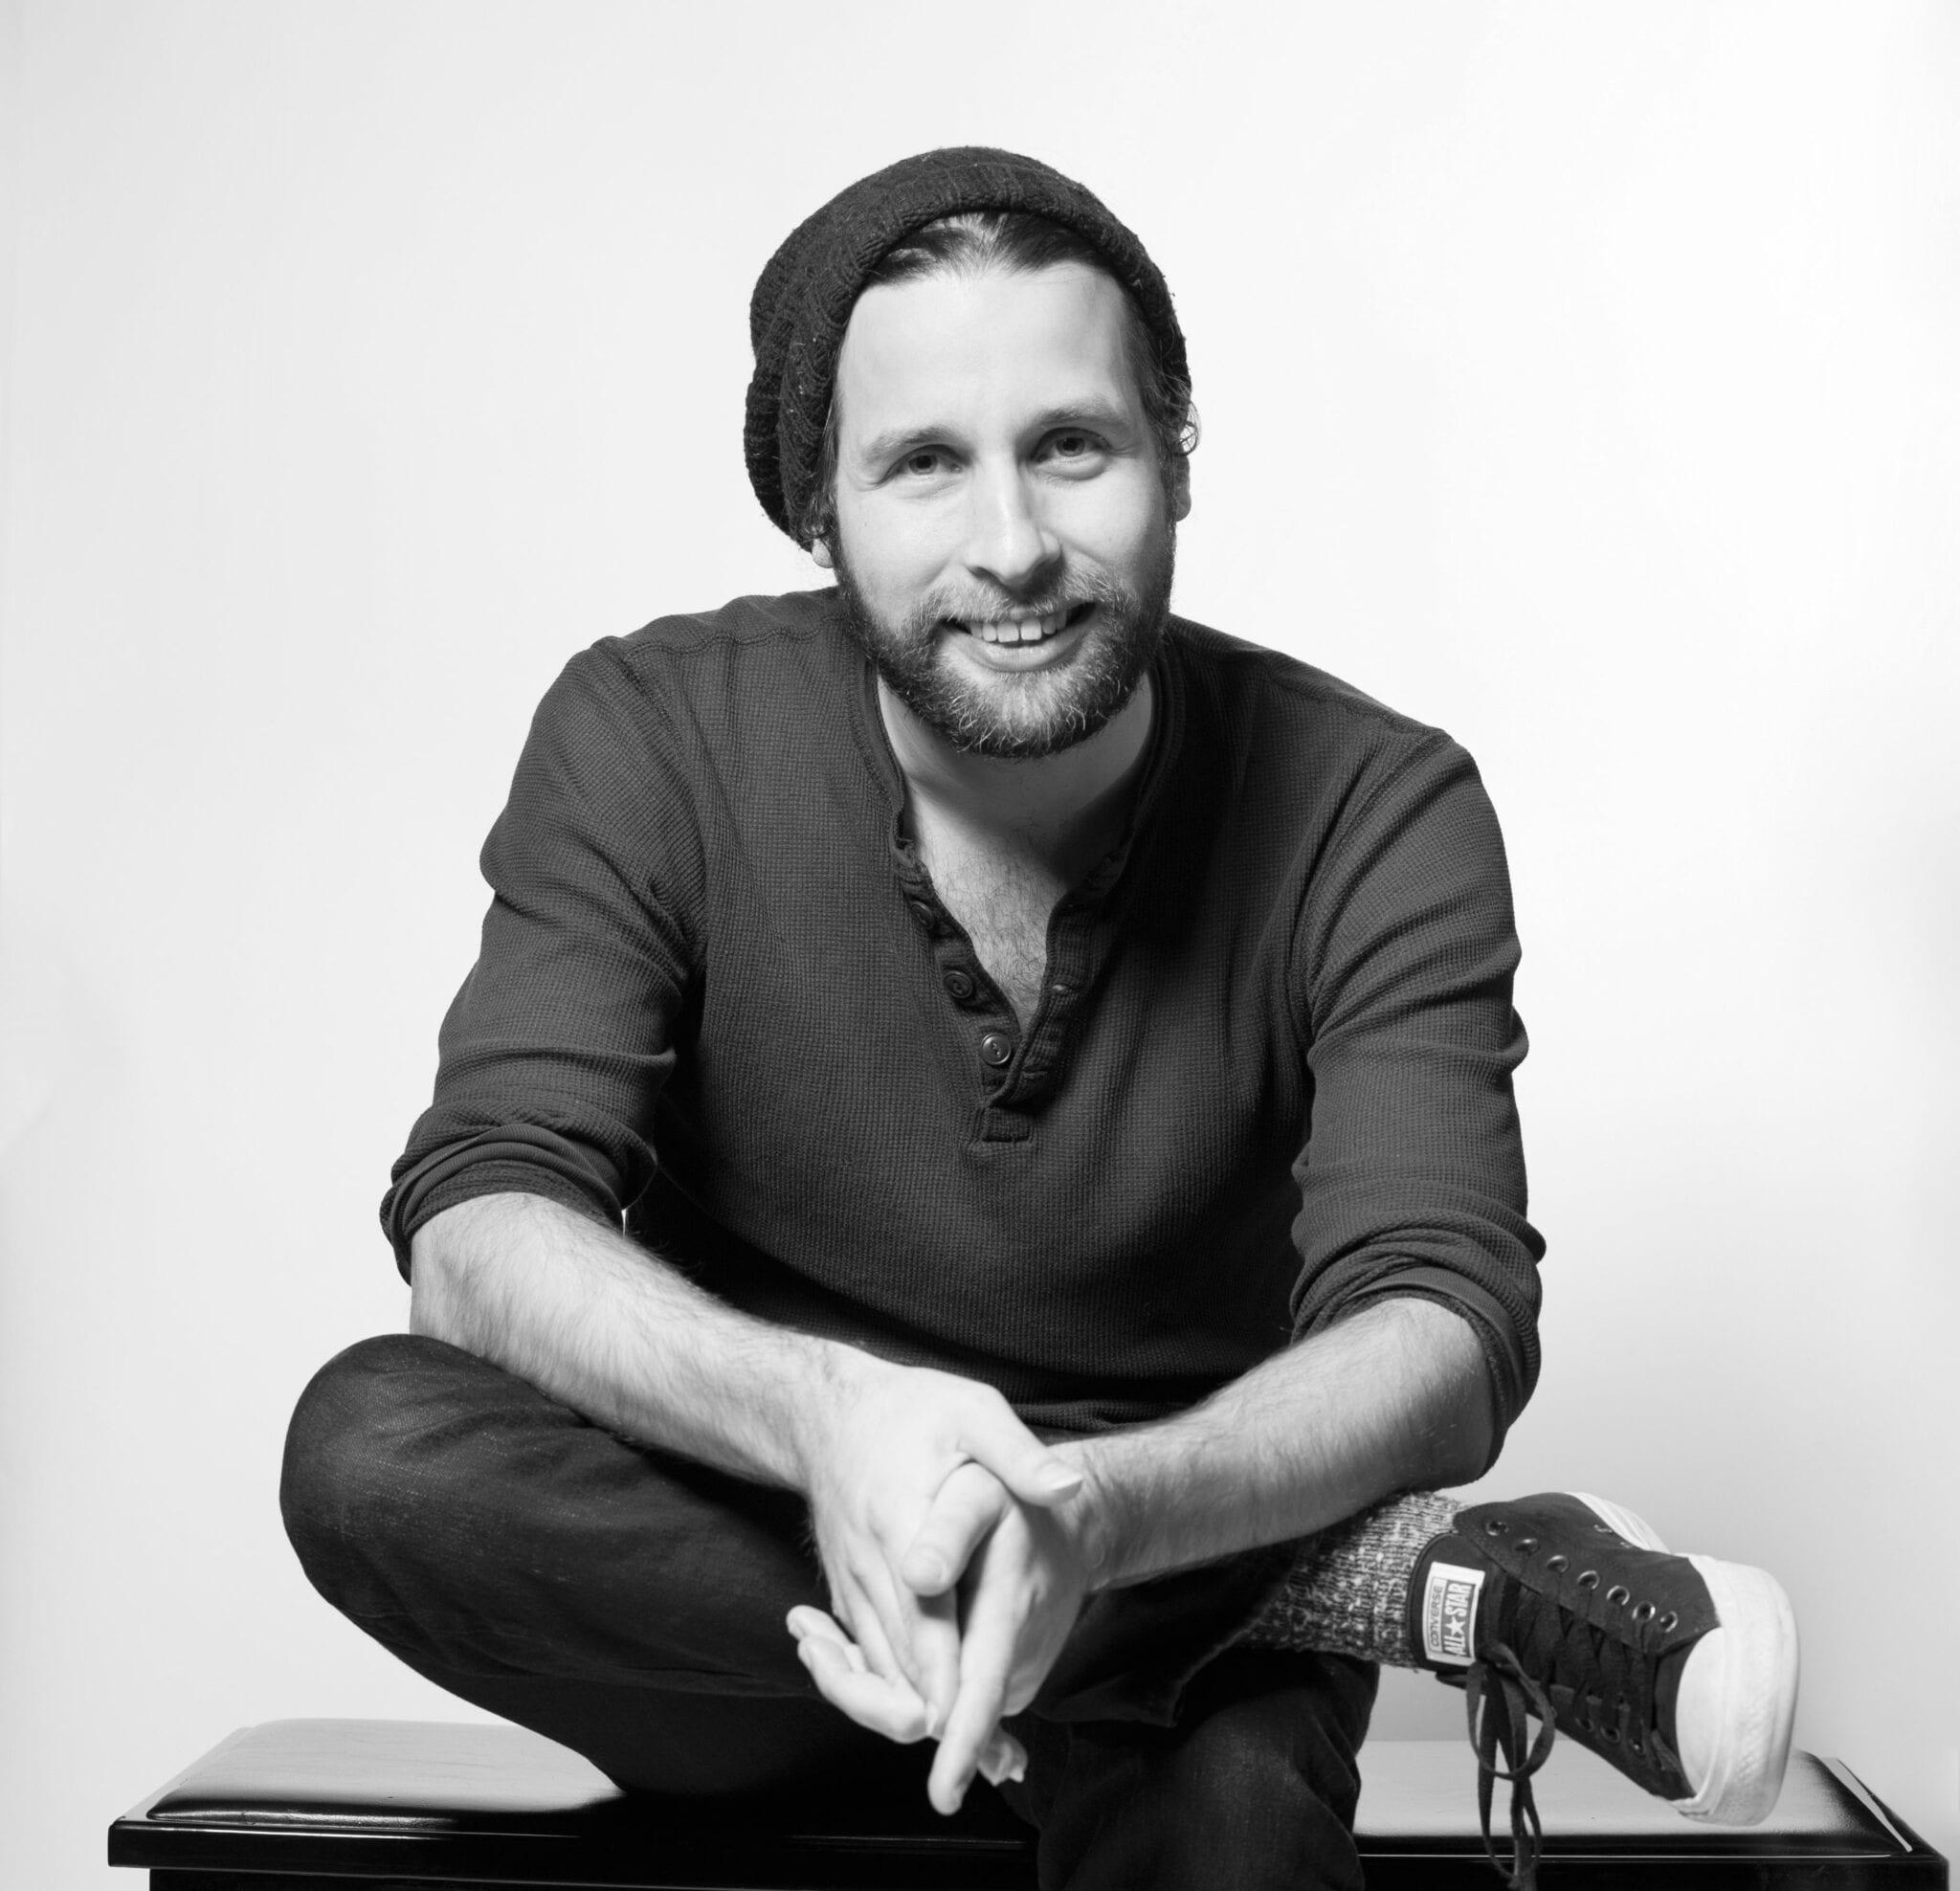 Mark Ritter, B.Mus., ARCT